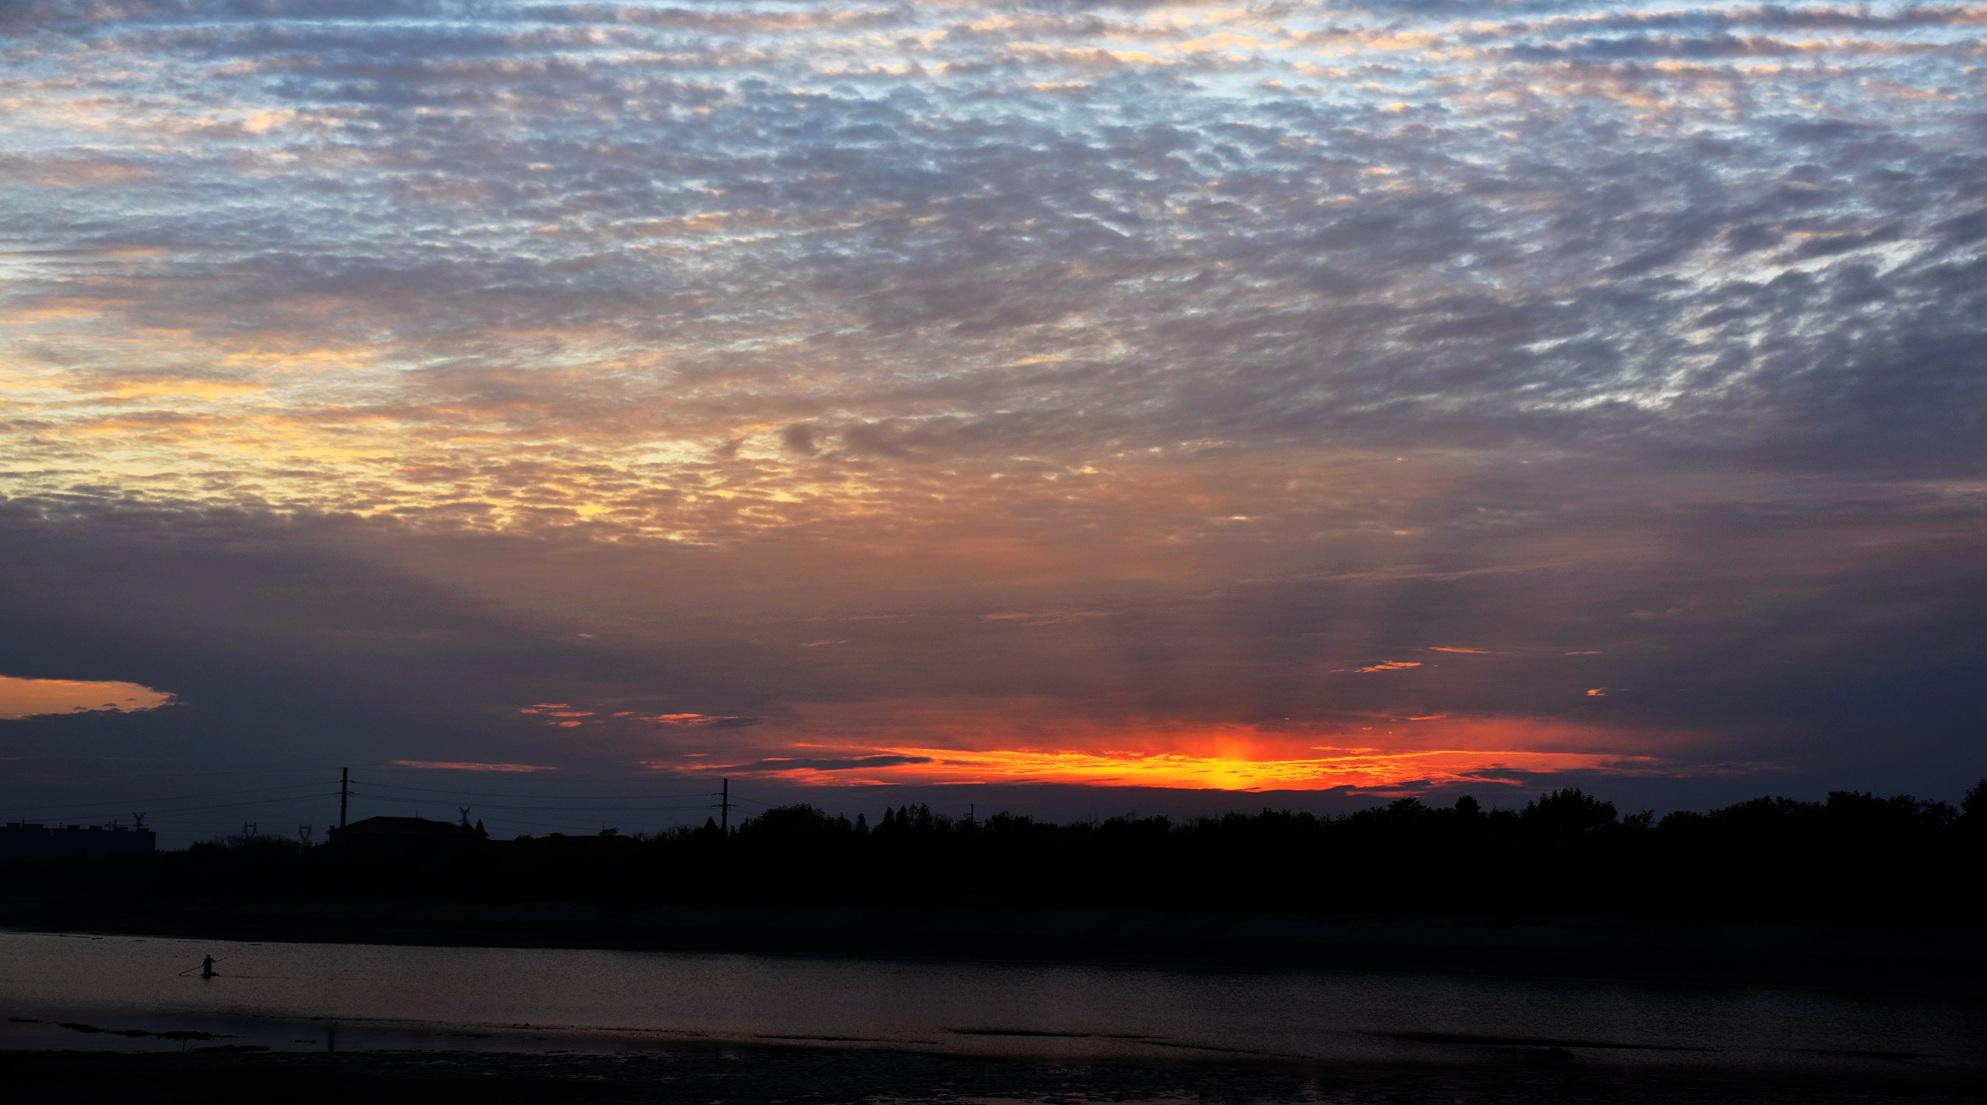 打一巴掌随上作品:夕阳红